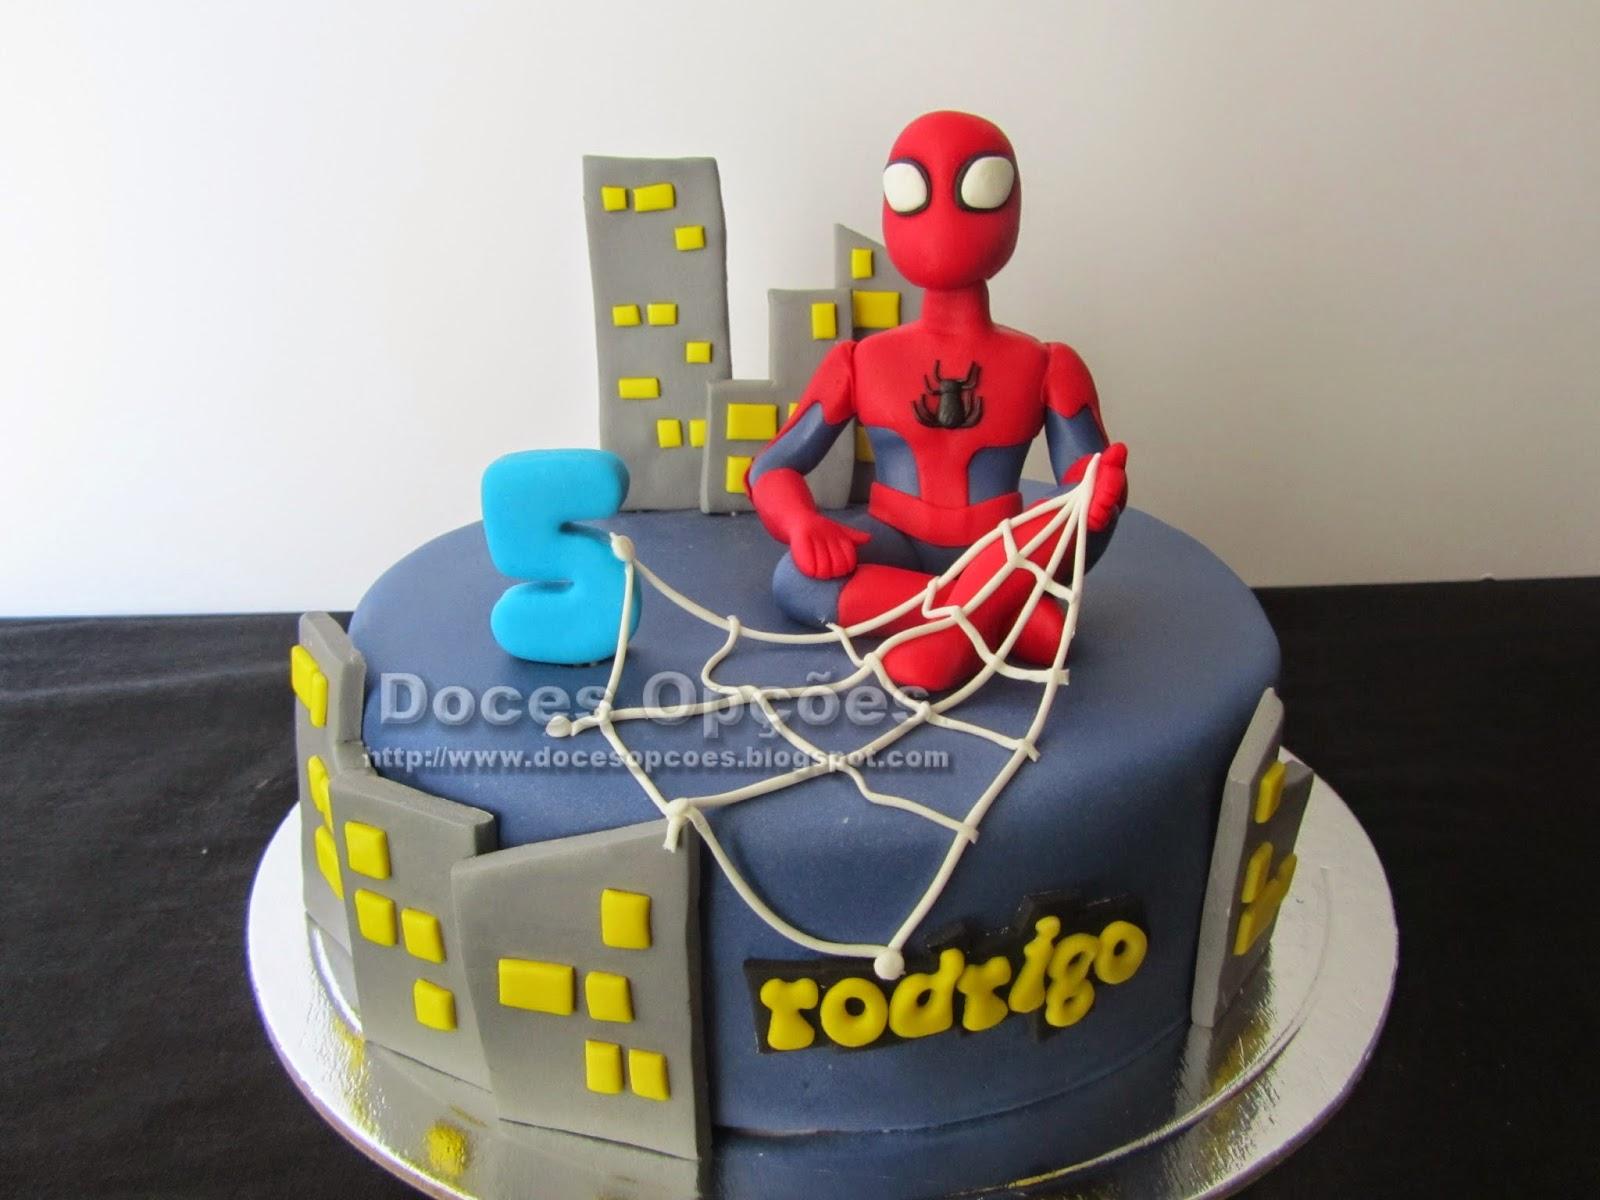 bolo homem aranha doces opções bragança